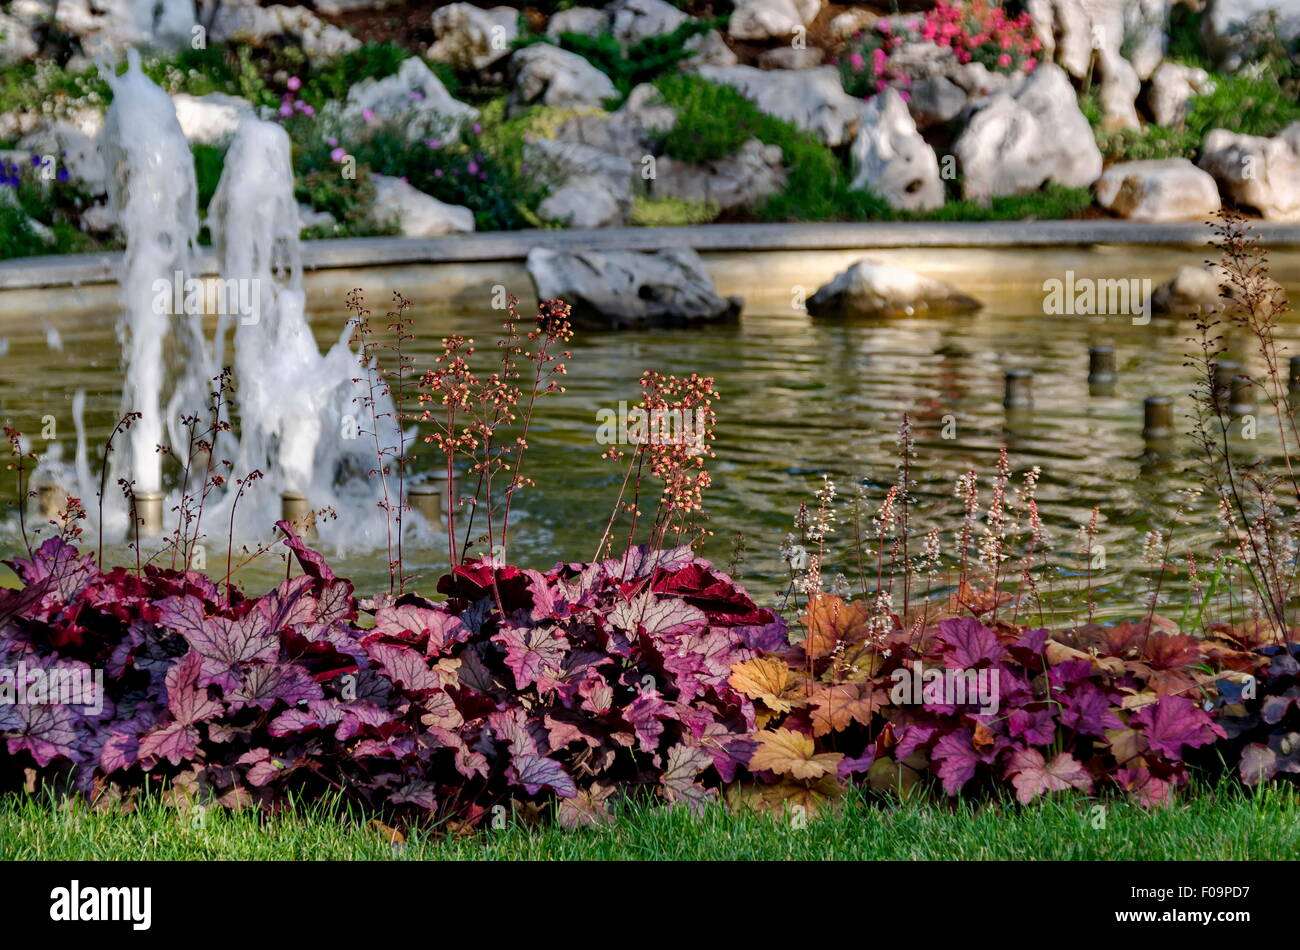 Steingarten Mit Springbrunnen: Saulenbrunnen